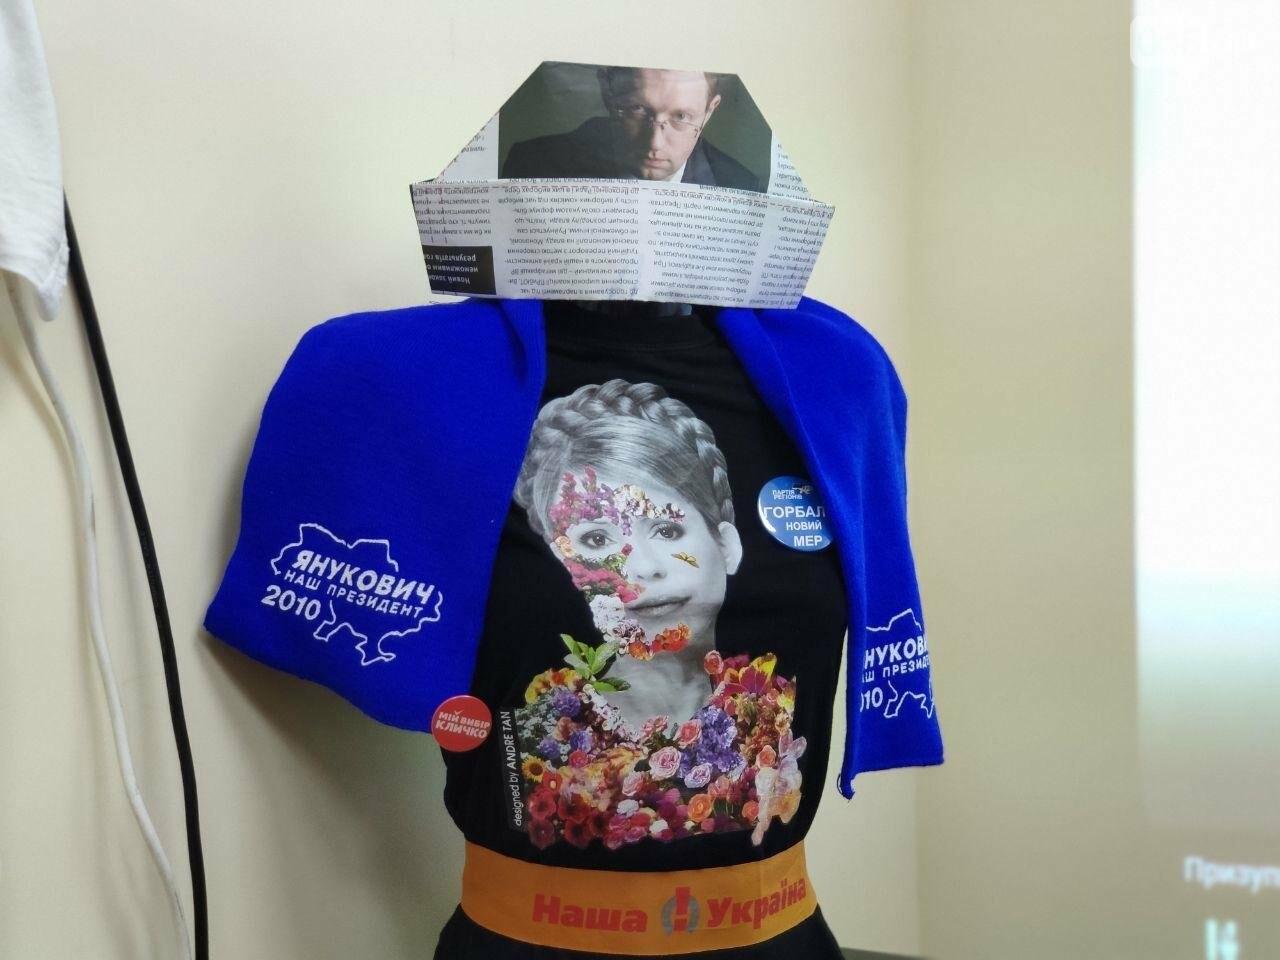 Гречка и секонд-хенд от кандидата: что посмотреть в новом музее выборов в Одессе, - ФОТОРЕПОРТАЖ, фото-8